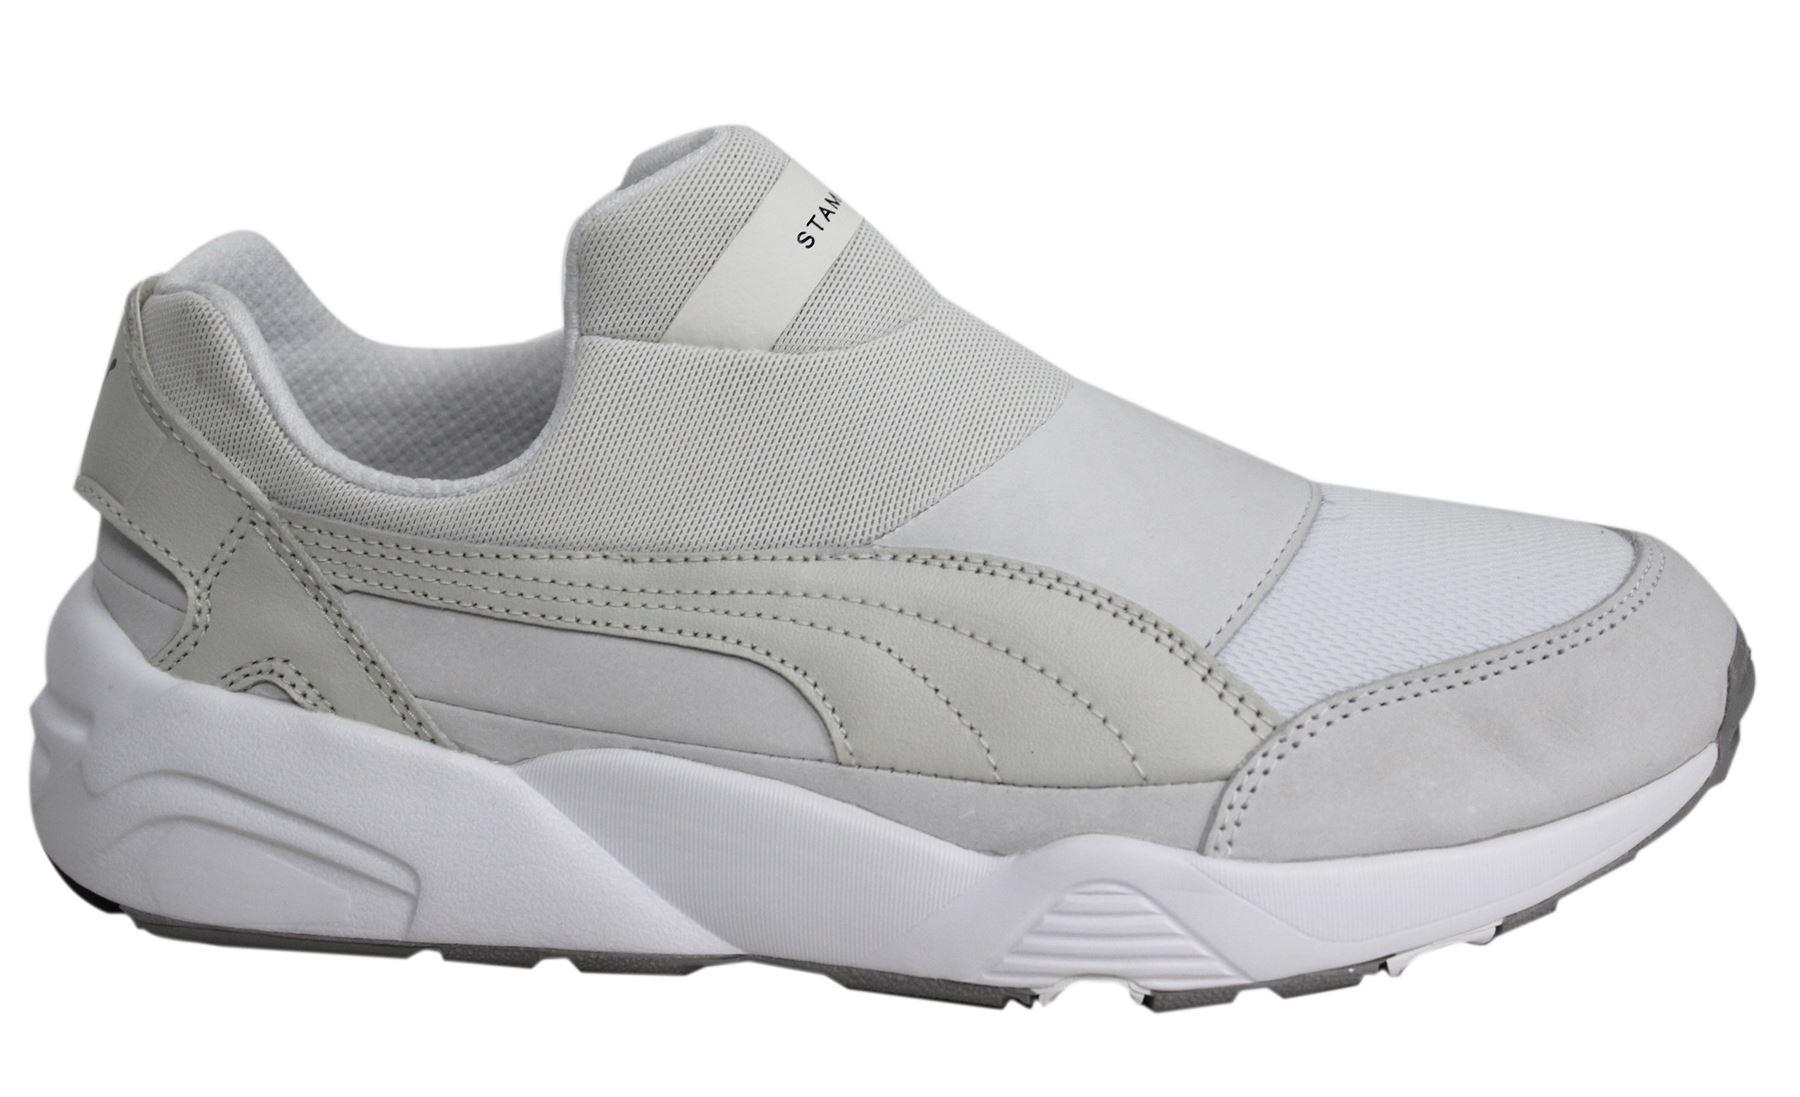 Detalles acerca de Puma Trinomic Calcetín Stampd casi como nuevo x para hombre Off White Zapatillas resbalón en el zapato 361429 03 D9 mostrar título